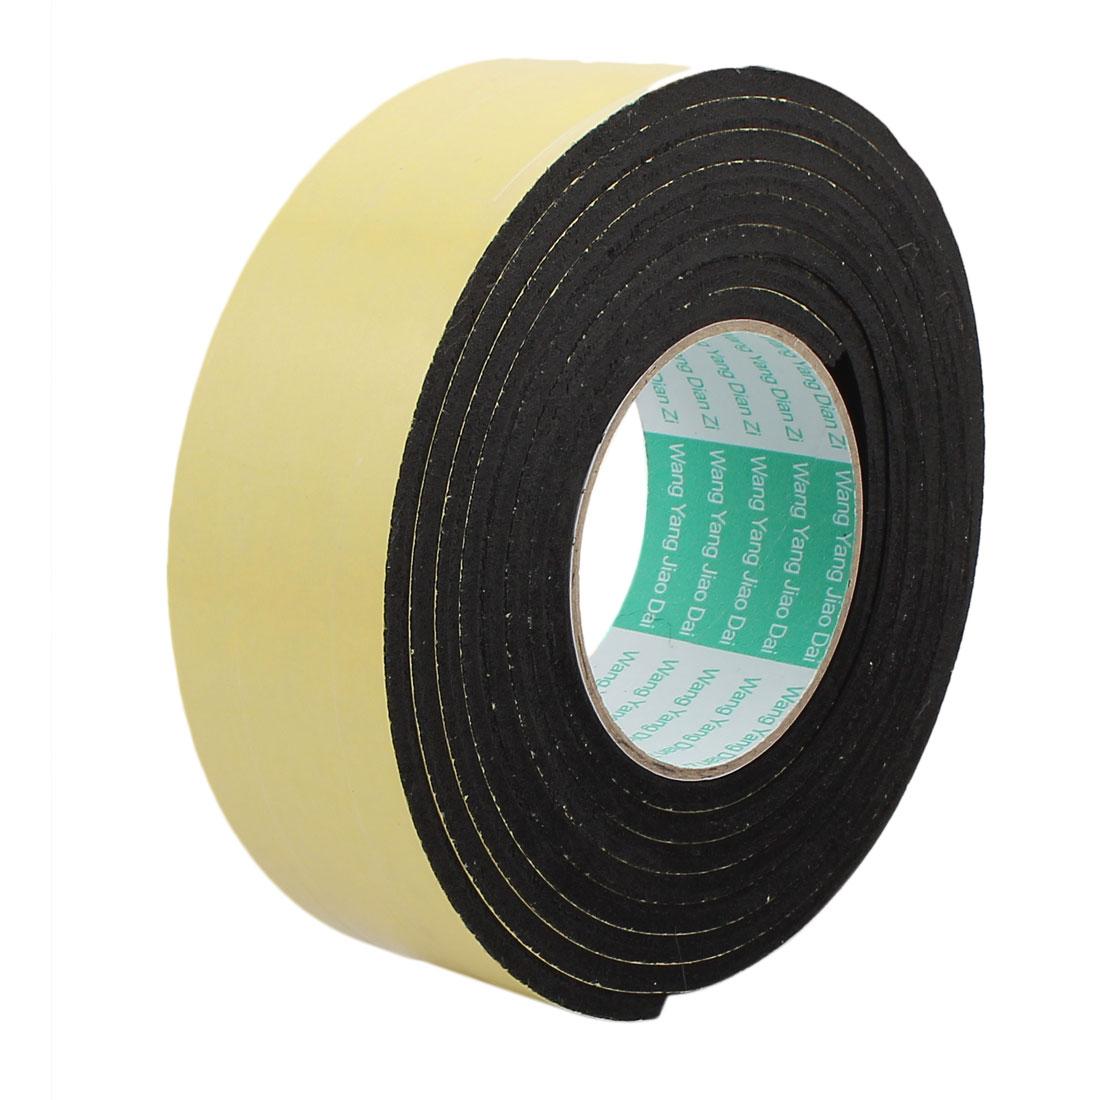 3Meter 50mm x 5mm Single-side Adhesive Shockproof Sponge Foam Tape Yellow Black